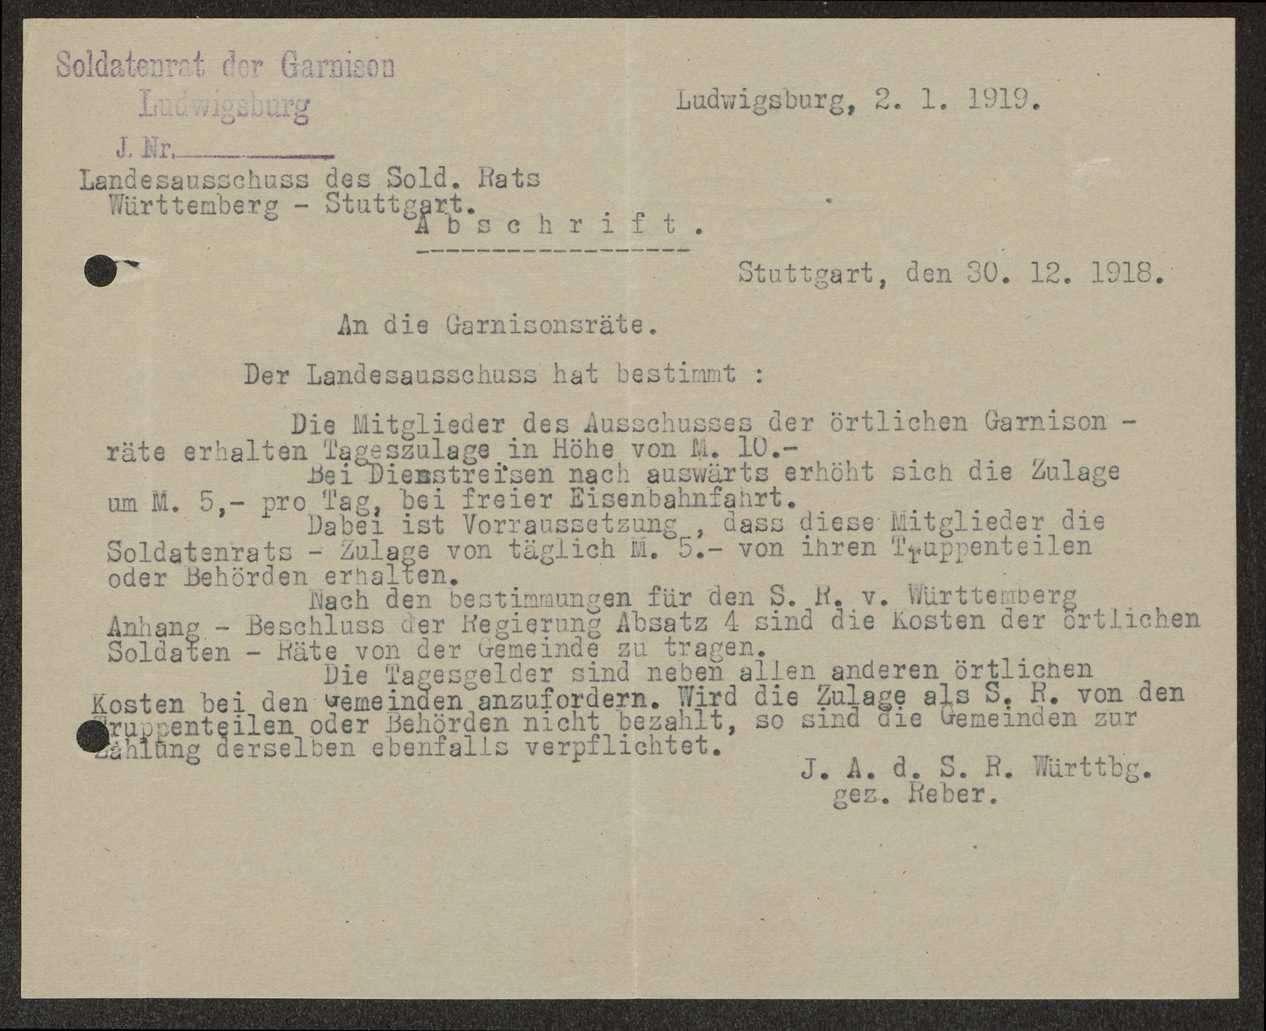 Festlegung der Tageszulagen für Soldatenratsmitglieder, Bild 1